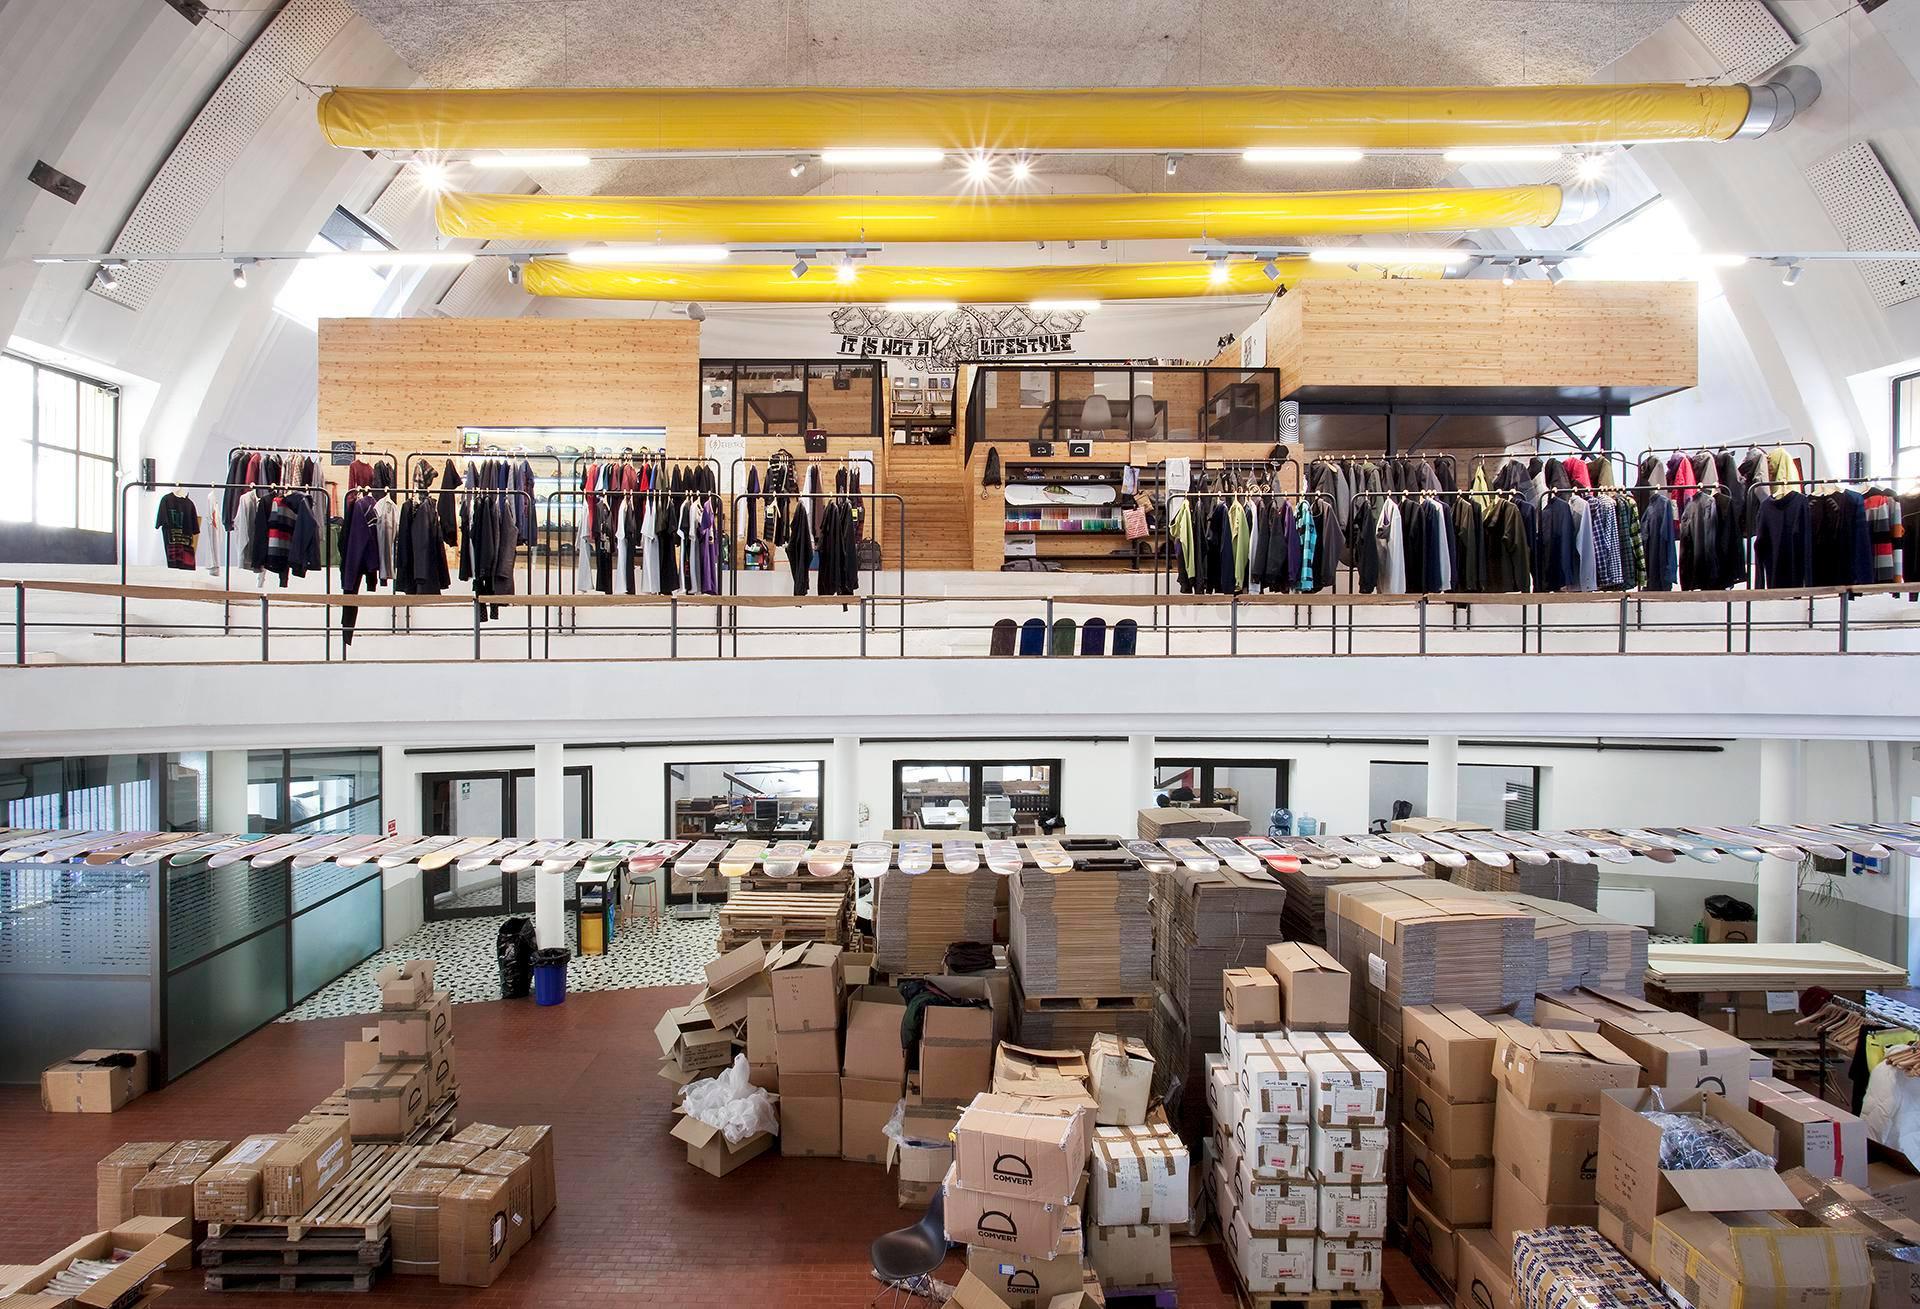 almacenes, expositores y oficinas de Bastard Store